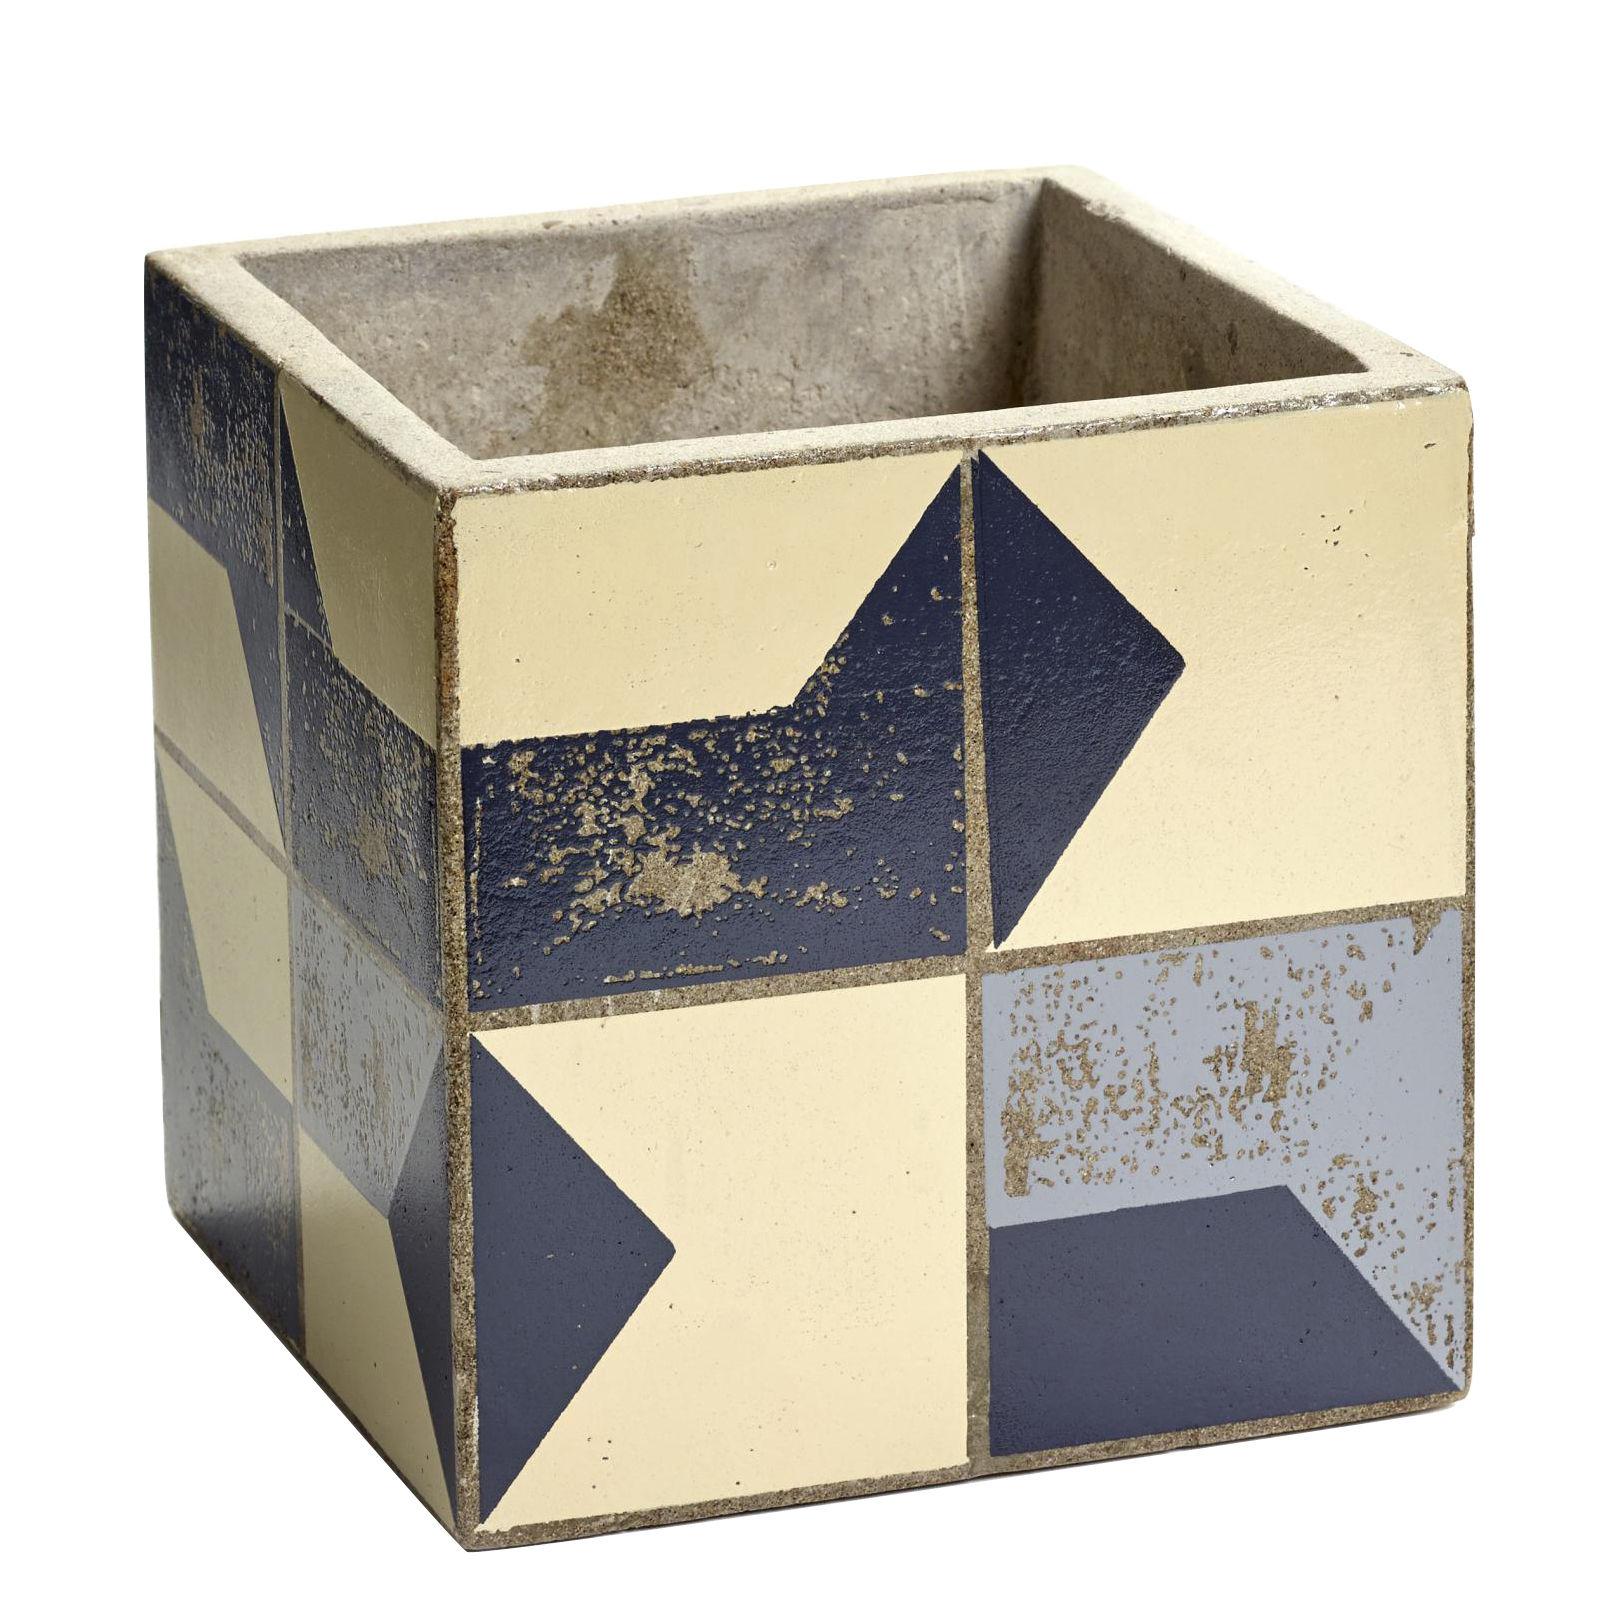 Déco - Pots et plantes - Pot Marie Graphique / 15x15 cm - Béton émaillé - Serax - Bleu & beige - Béton émaillé